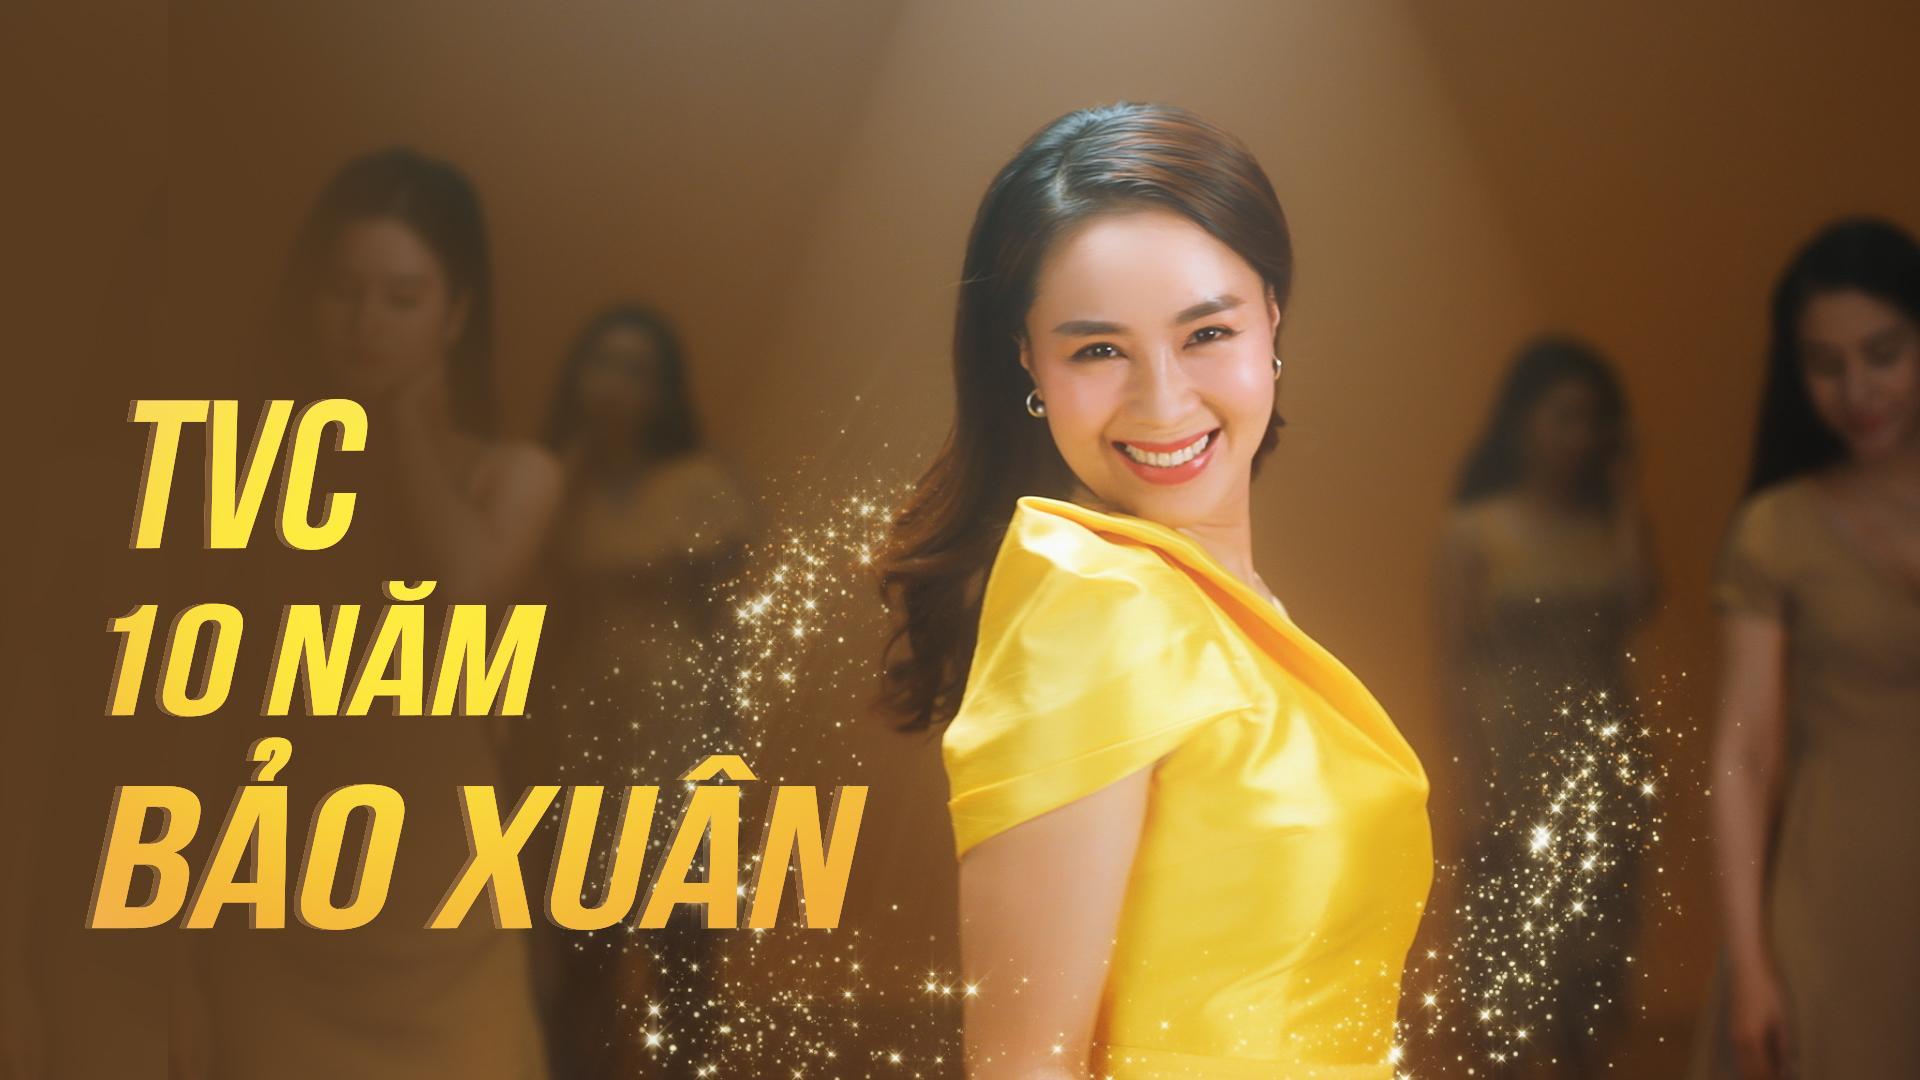 Bảo Xuân – Tự hào 10 năm gìn giữ nét thanh xuân, sức khỏe và hạnh phúc cho hàng triệu phụ nữ Việt Nam